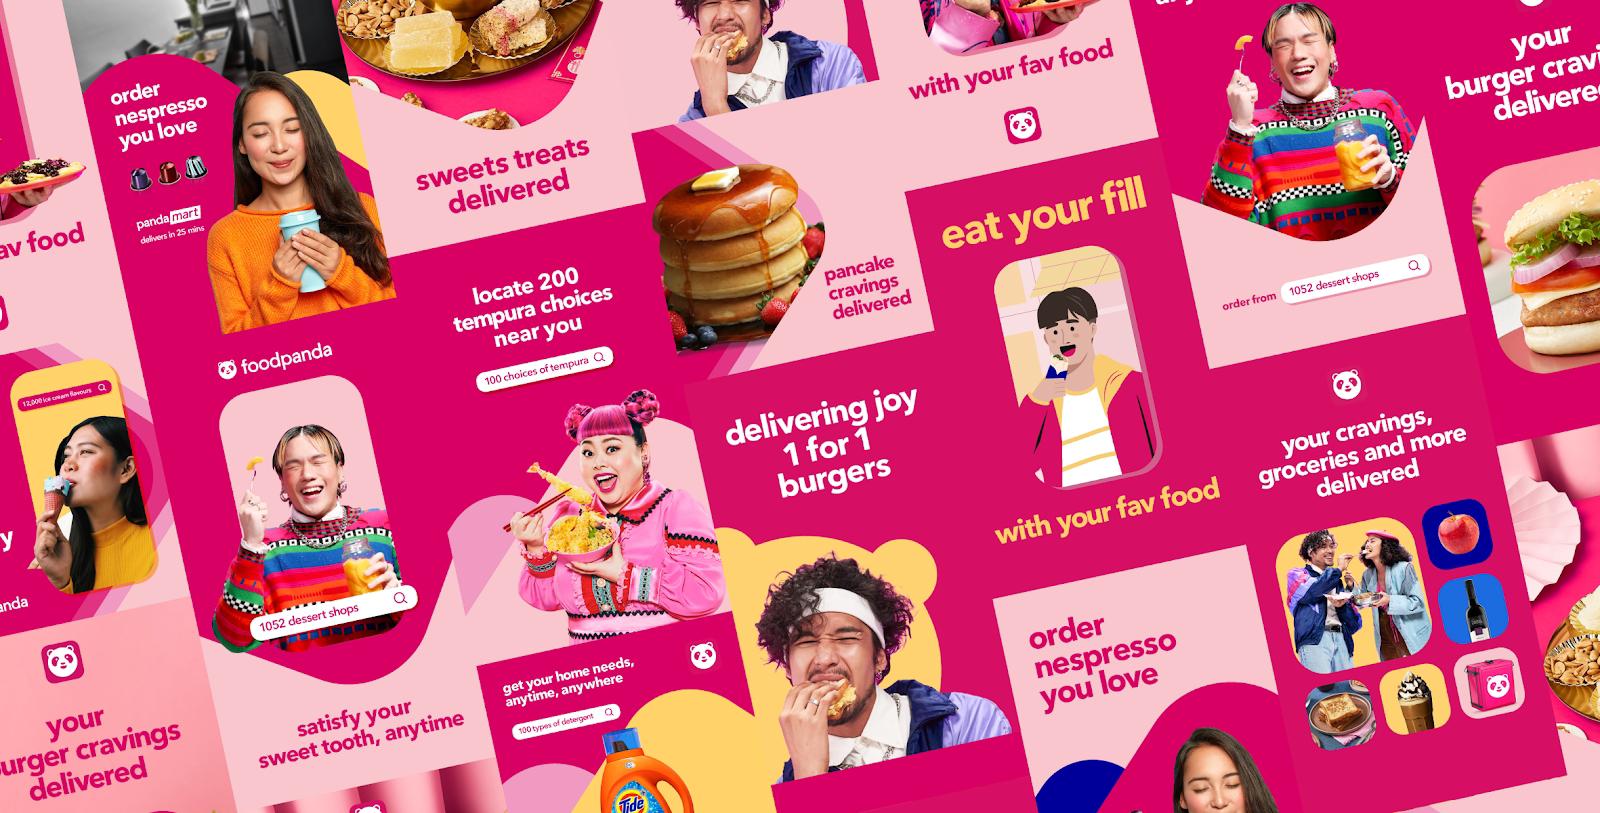 Foodpanda เผยโฉมแบรนด์ในลุคใหม่ทั่วเอเชีย